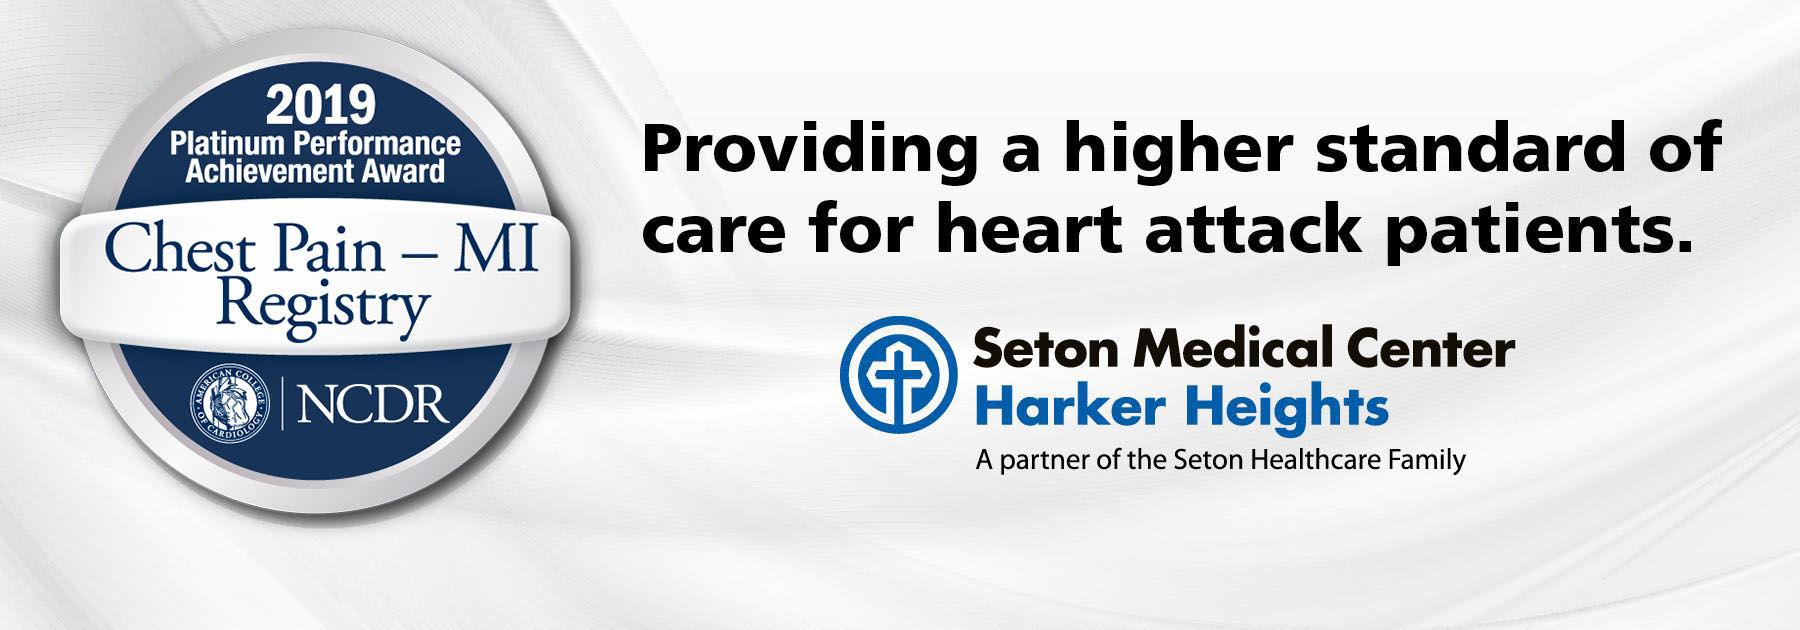 Seton Medical Center Harker Heights |